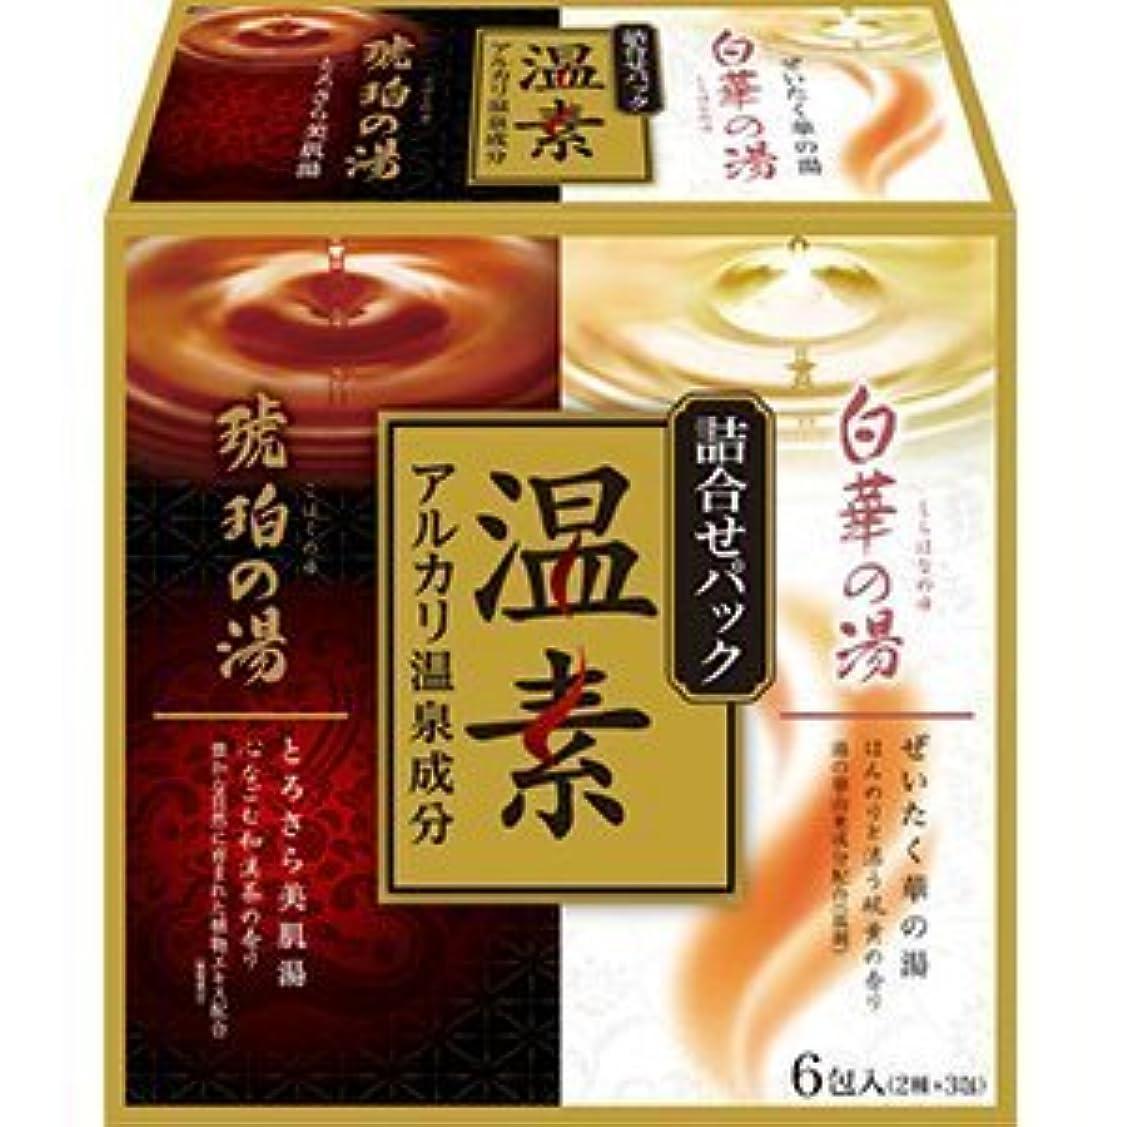 手持参詩人温素 琥珀の湯&白華の湯 詰合せパック × 5個セット